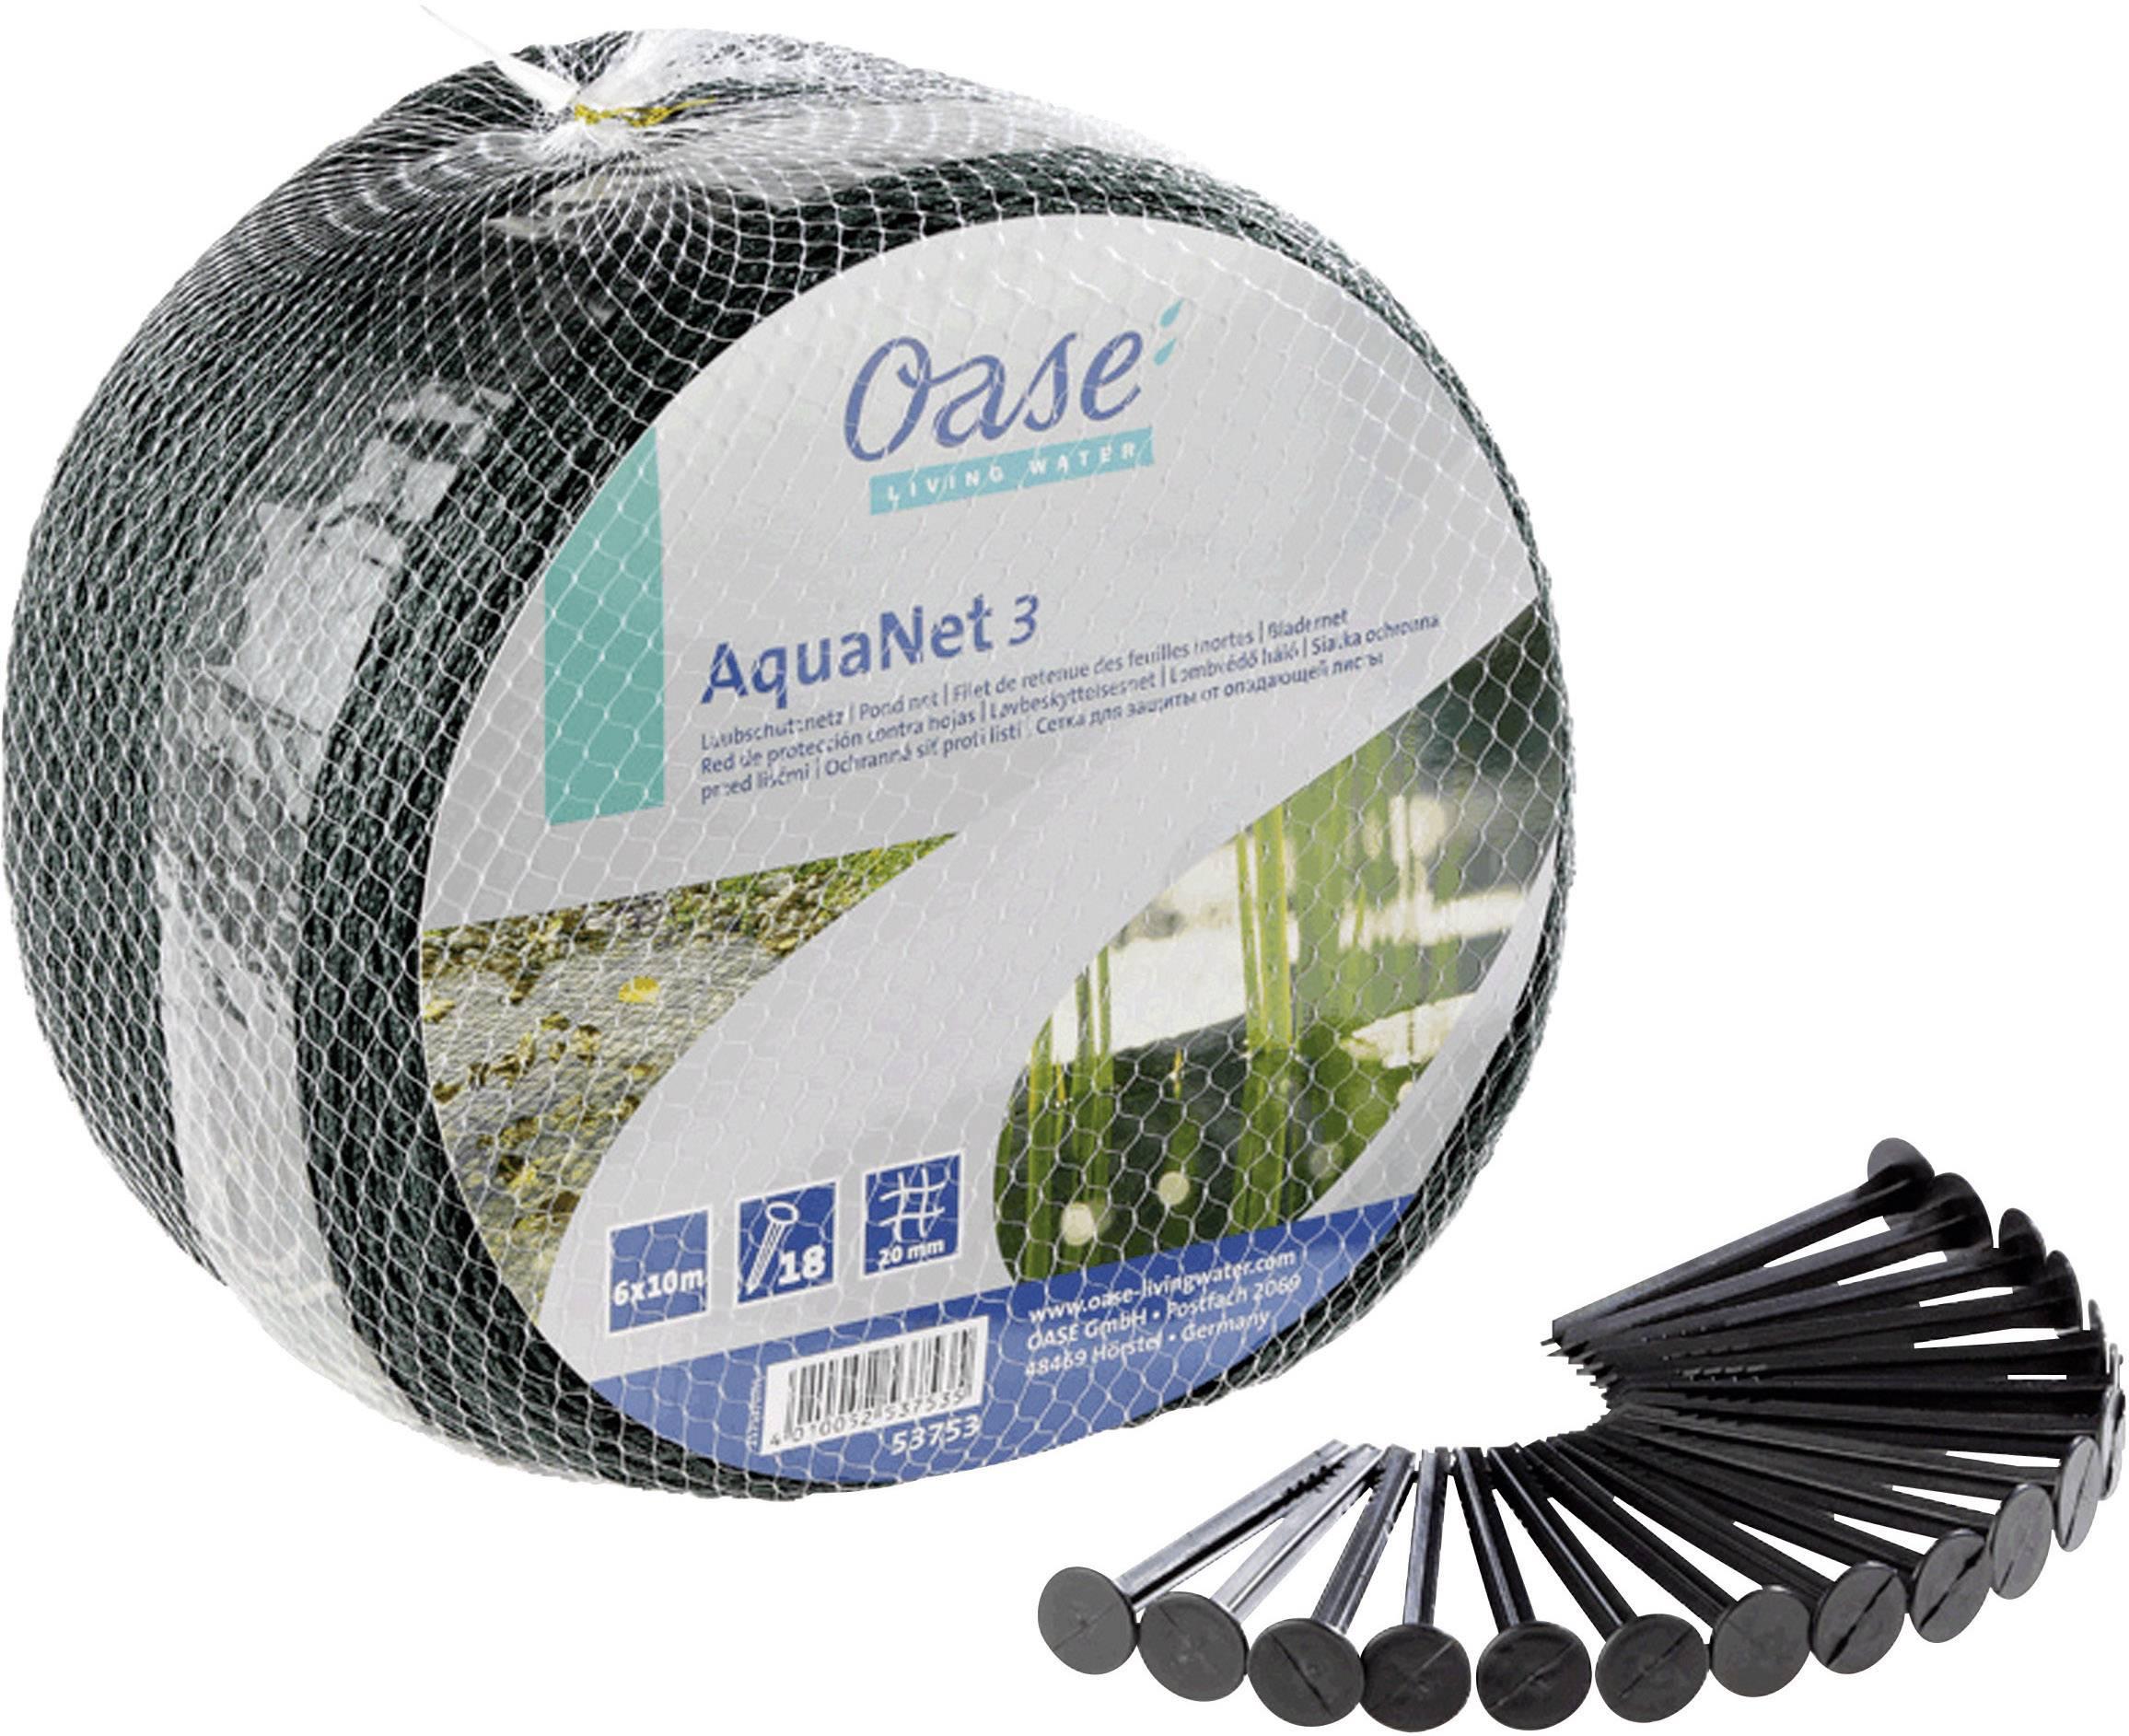 Oase 53753 Jezírková síťka AquaNet 3 / 6 x 10 m